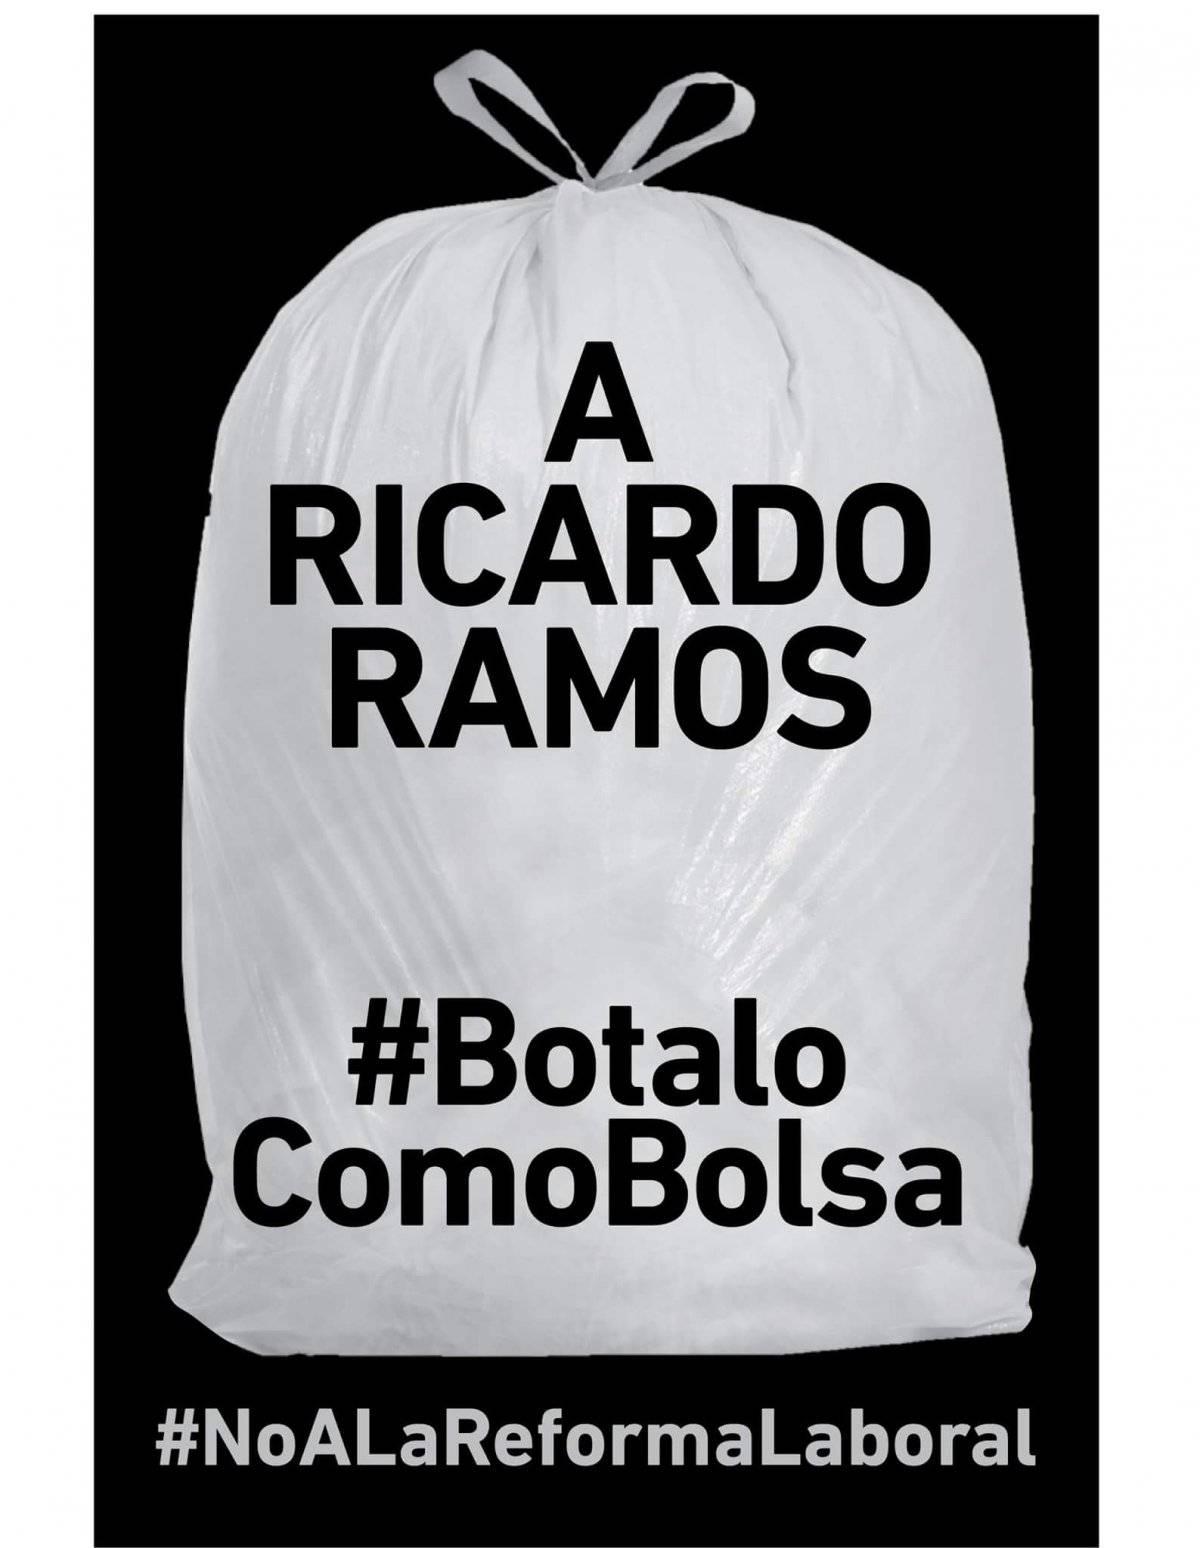 Pasquines con diferentes mensajes acompañado del hashtag #BotaloComoBolsa